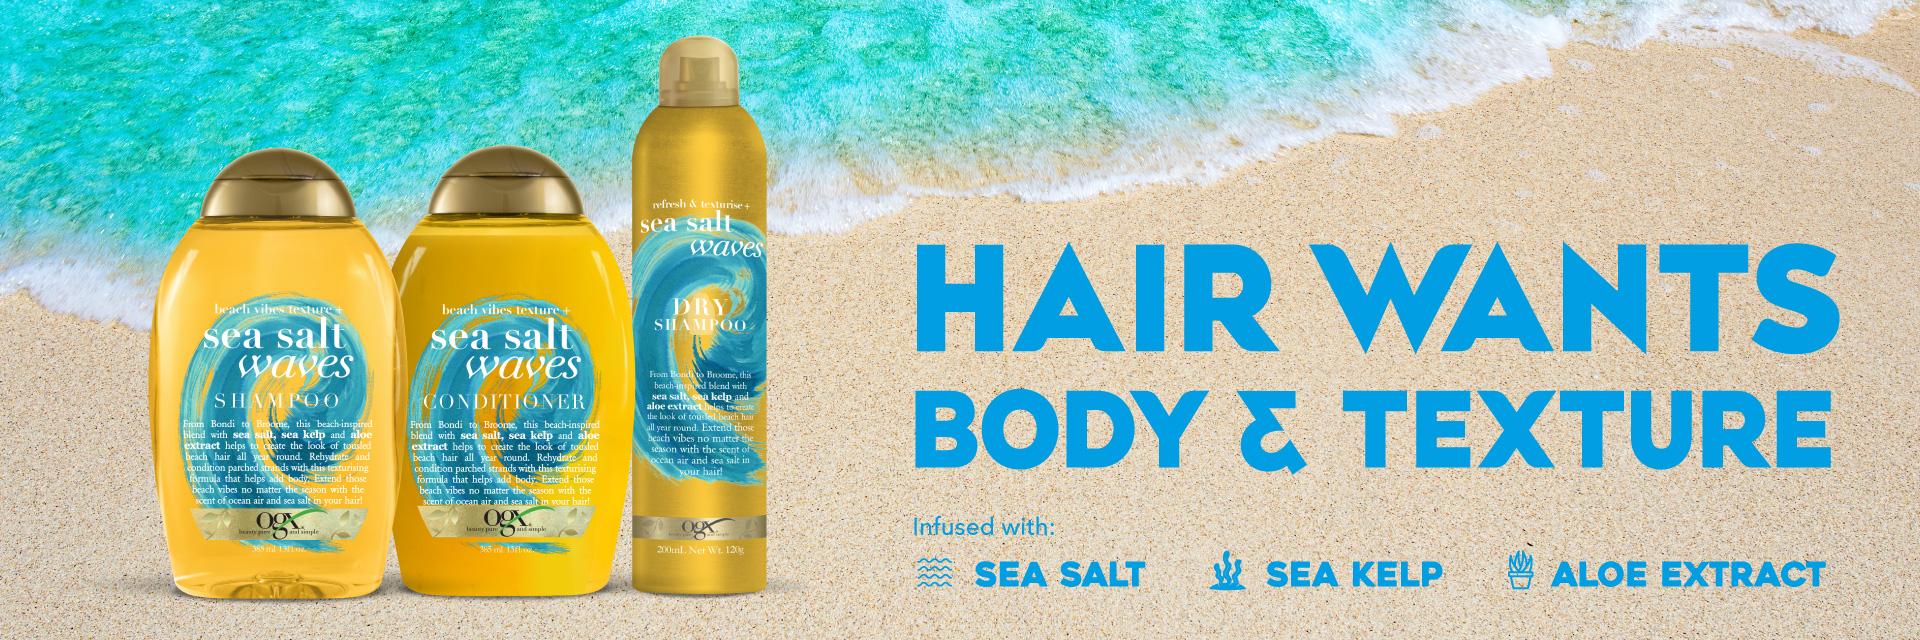 OGX Sea Salt Waves